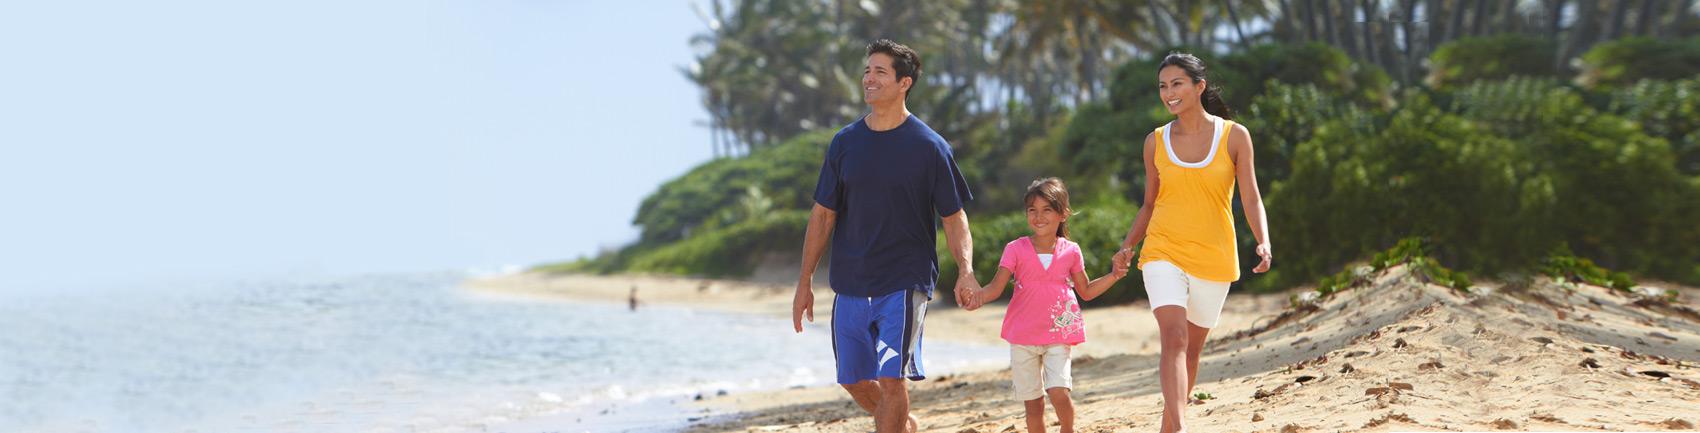 f480b44ef9 Holoholo Kamaaina Special Hotel Rates in Hawaii | Aqua-Aston Hotels